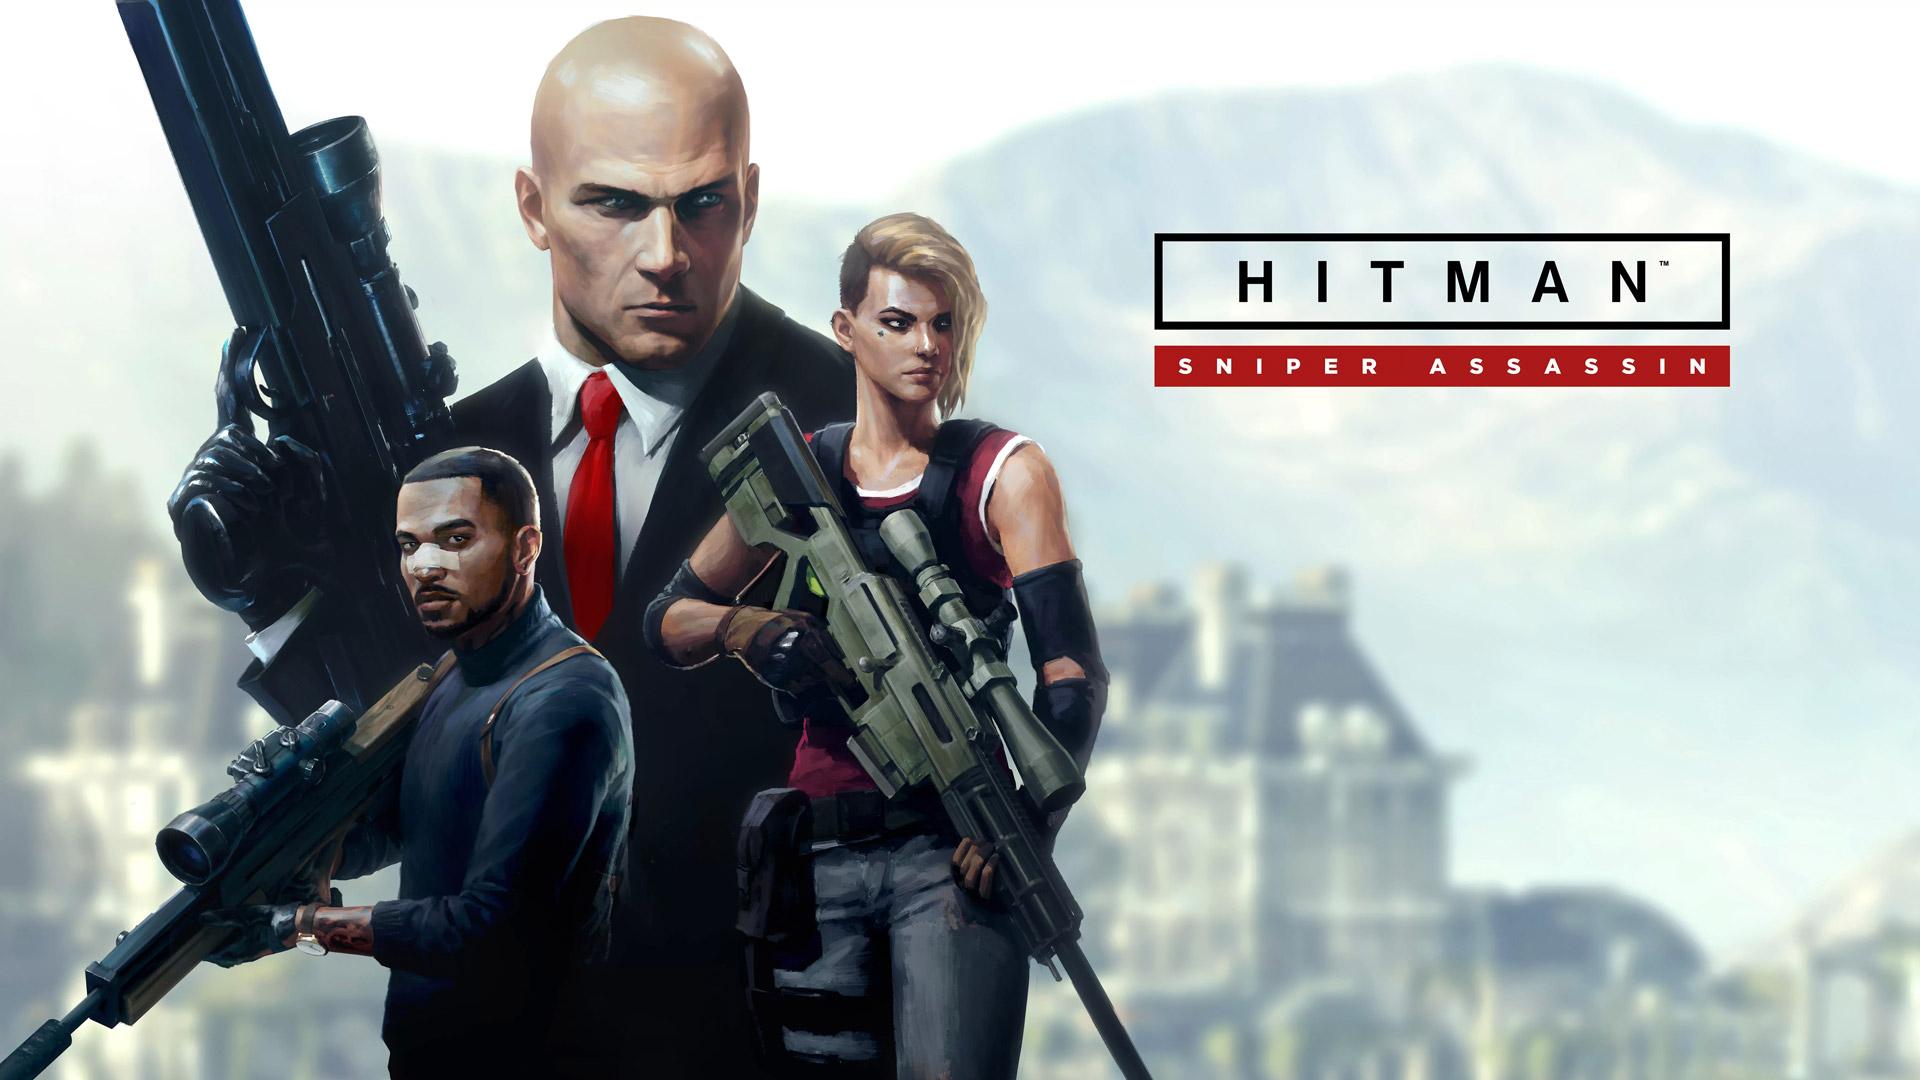 Hitman 2 Sniper DLC